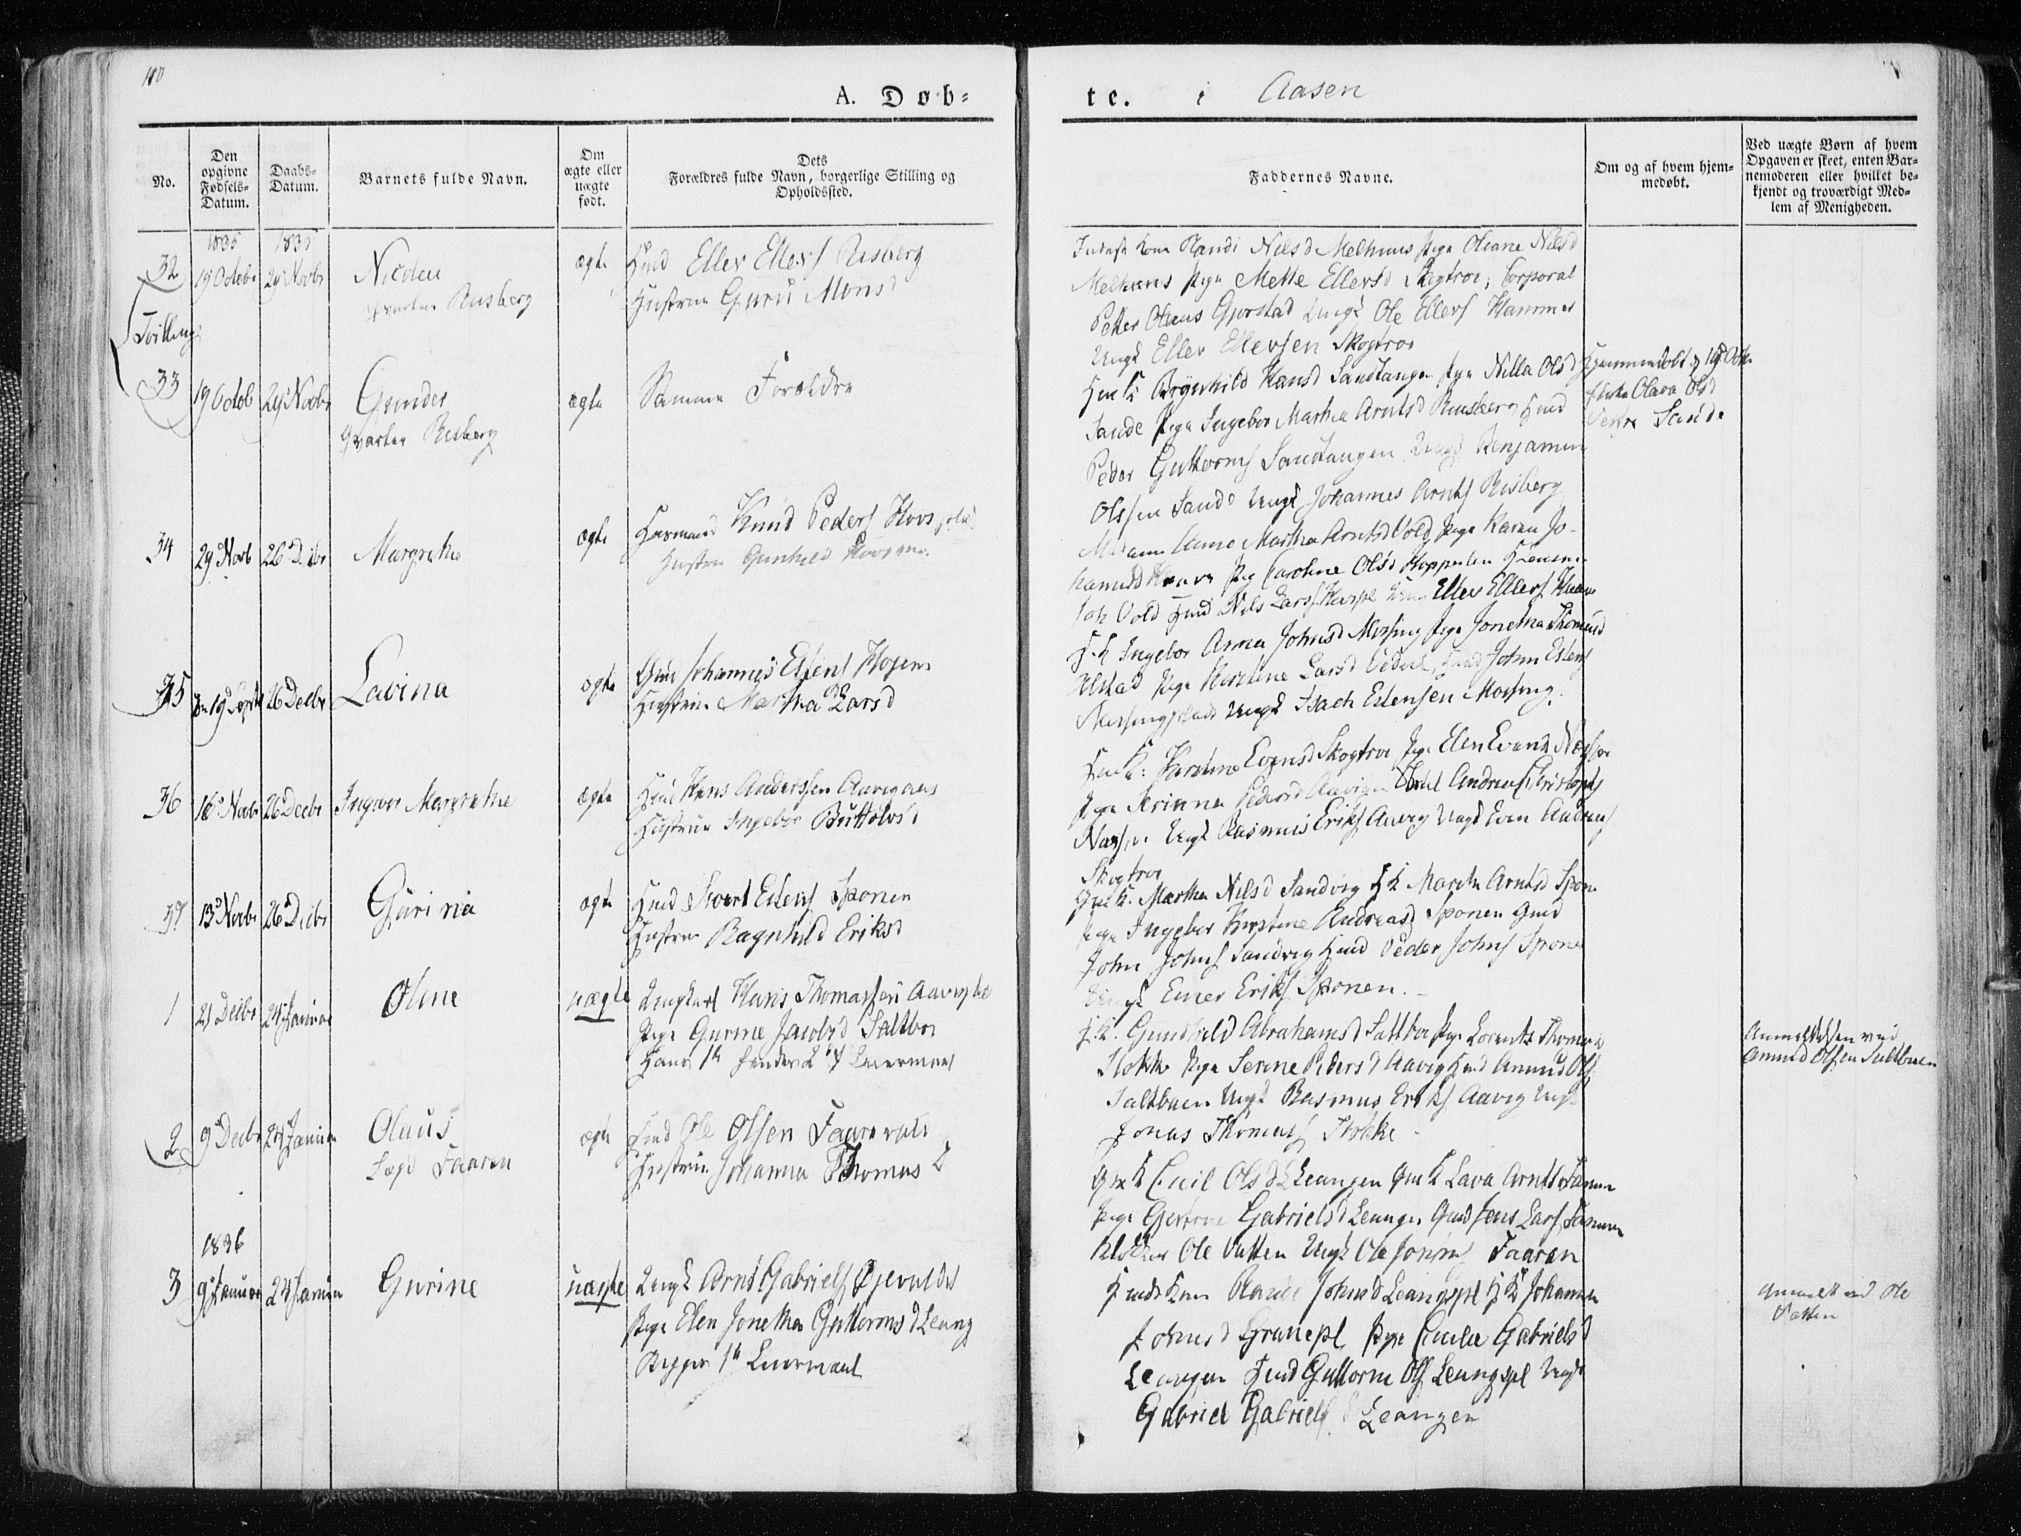 SAT, Ministerialprotokoller, klokkerbøker og fødselsregistre - Nord-Trøndelag, 713/L0114: Ministerialbok nr. 713A05, 1827-1839, s. 110